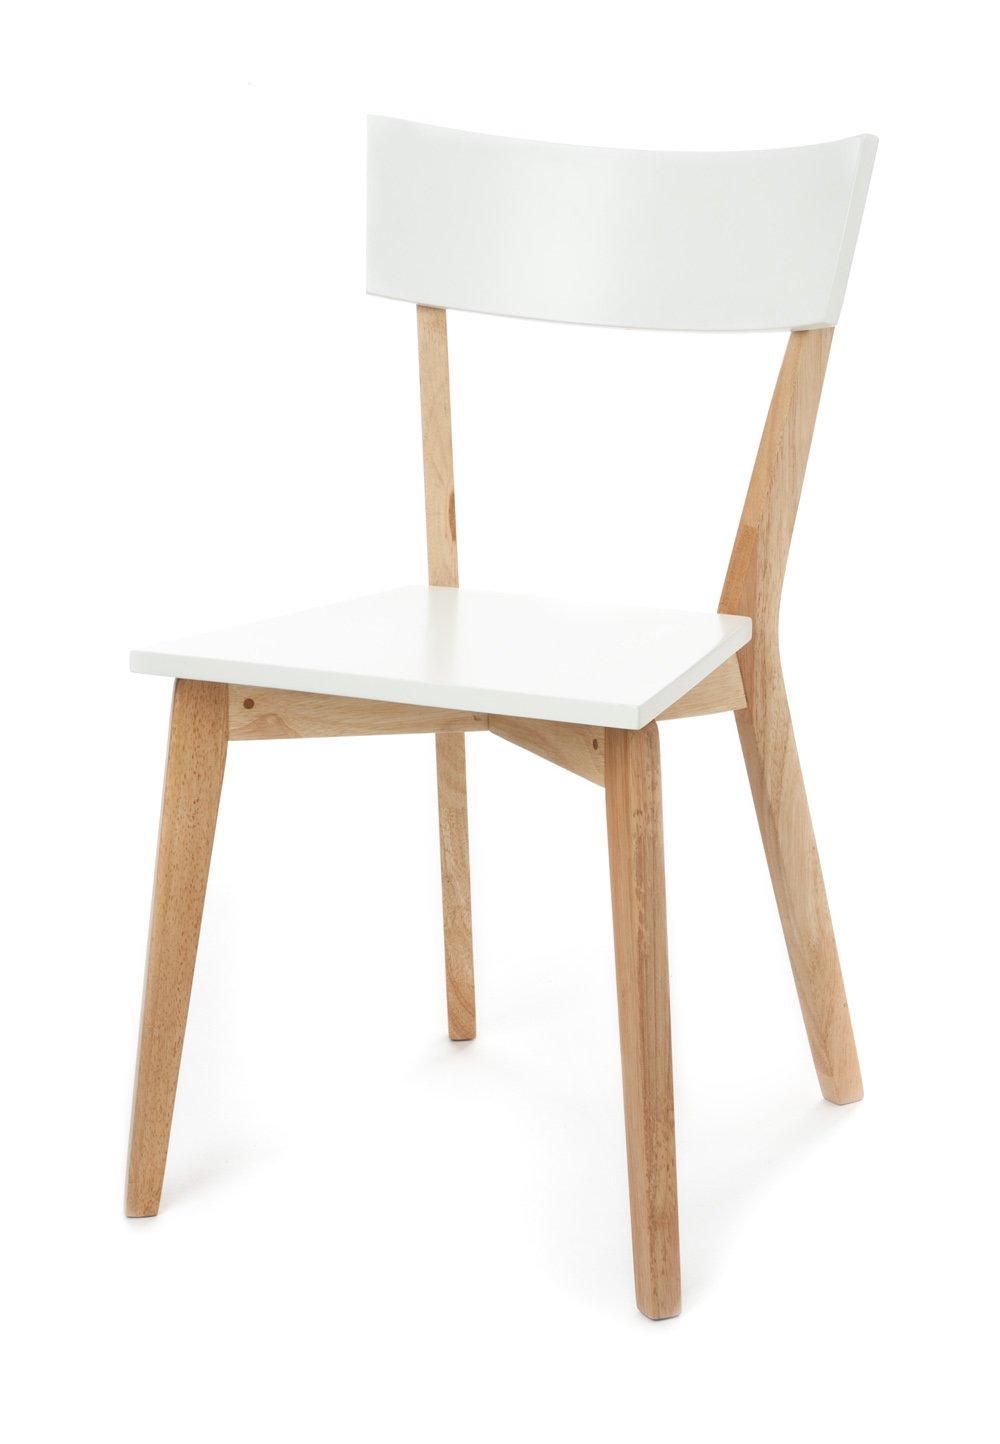 35 x 35 x 45 cm Krokwood 1 Sedia da Sala da Pranzo in Legno Massiccio di faggio FSC 100/% Tomas